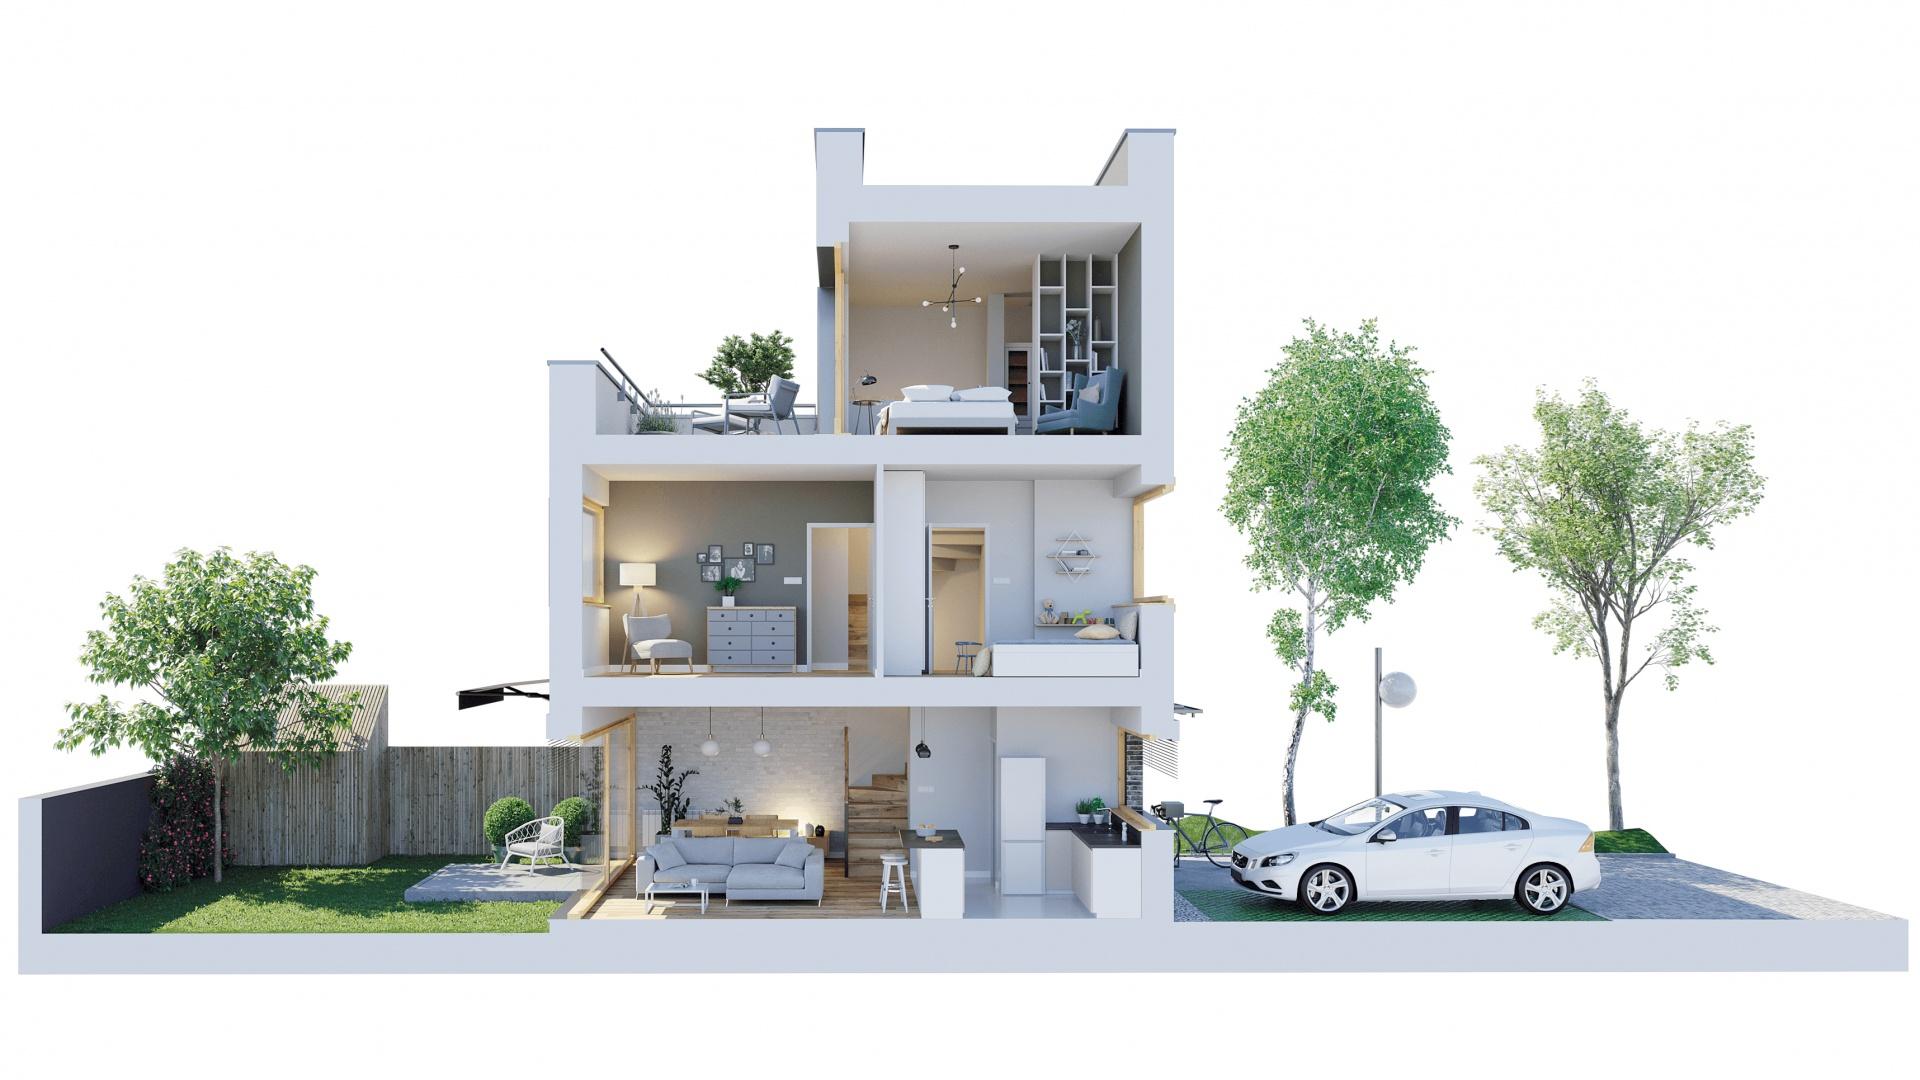 Nowy Strzeszyn - Przekrój mieszkań